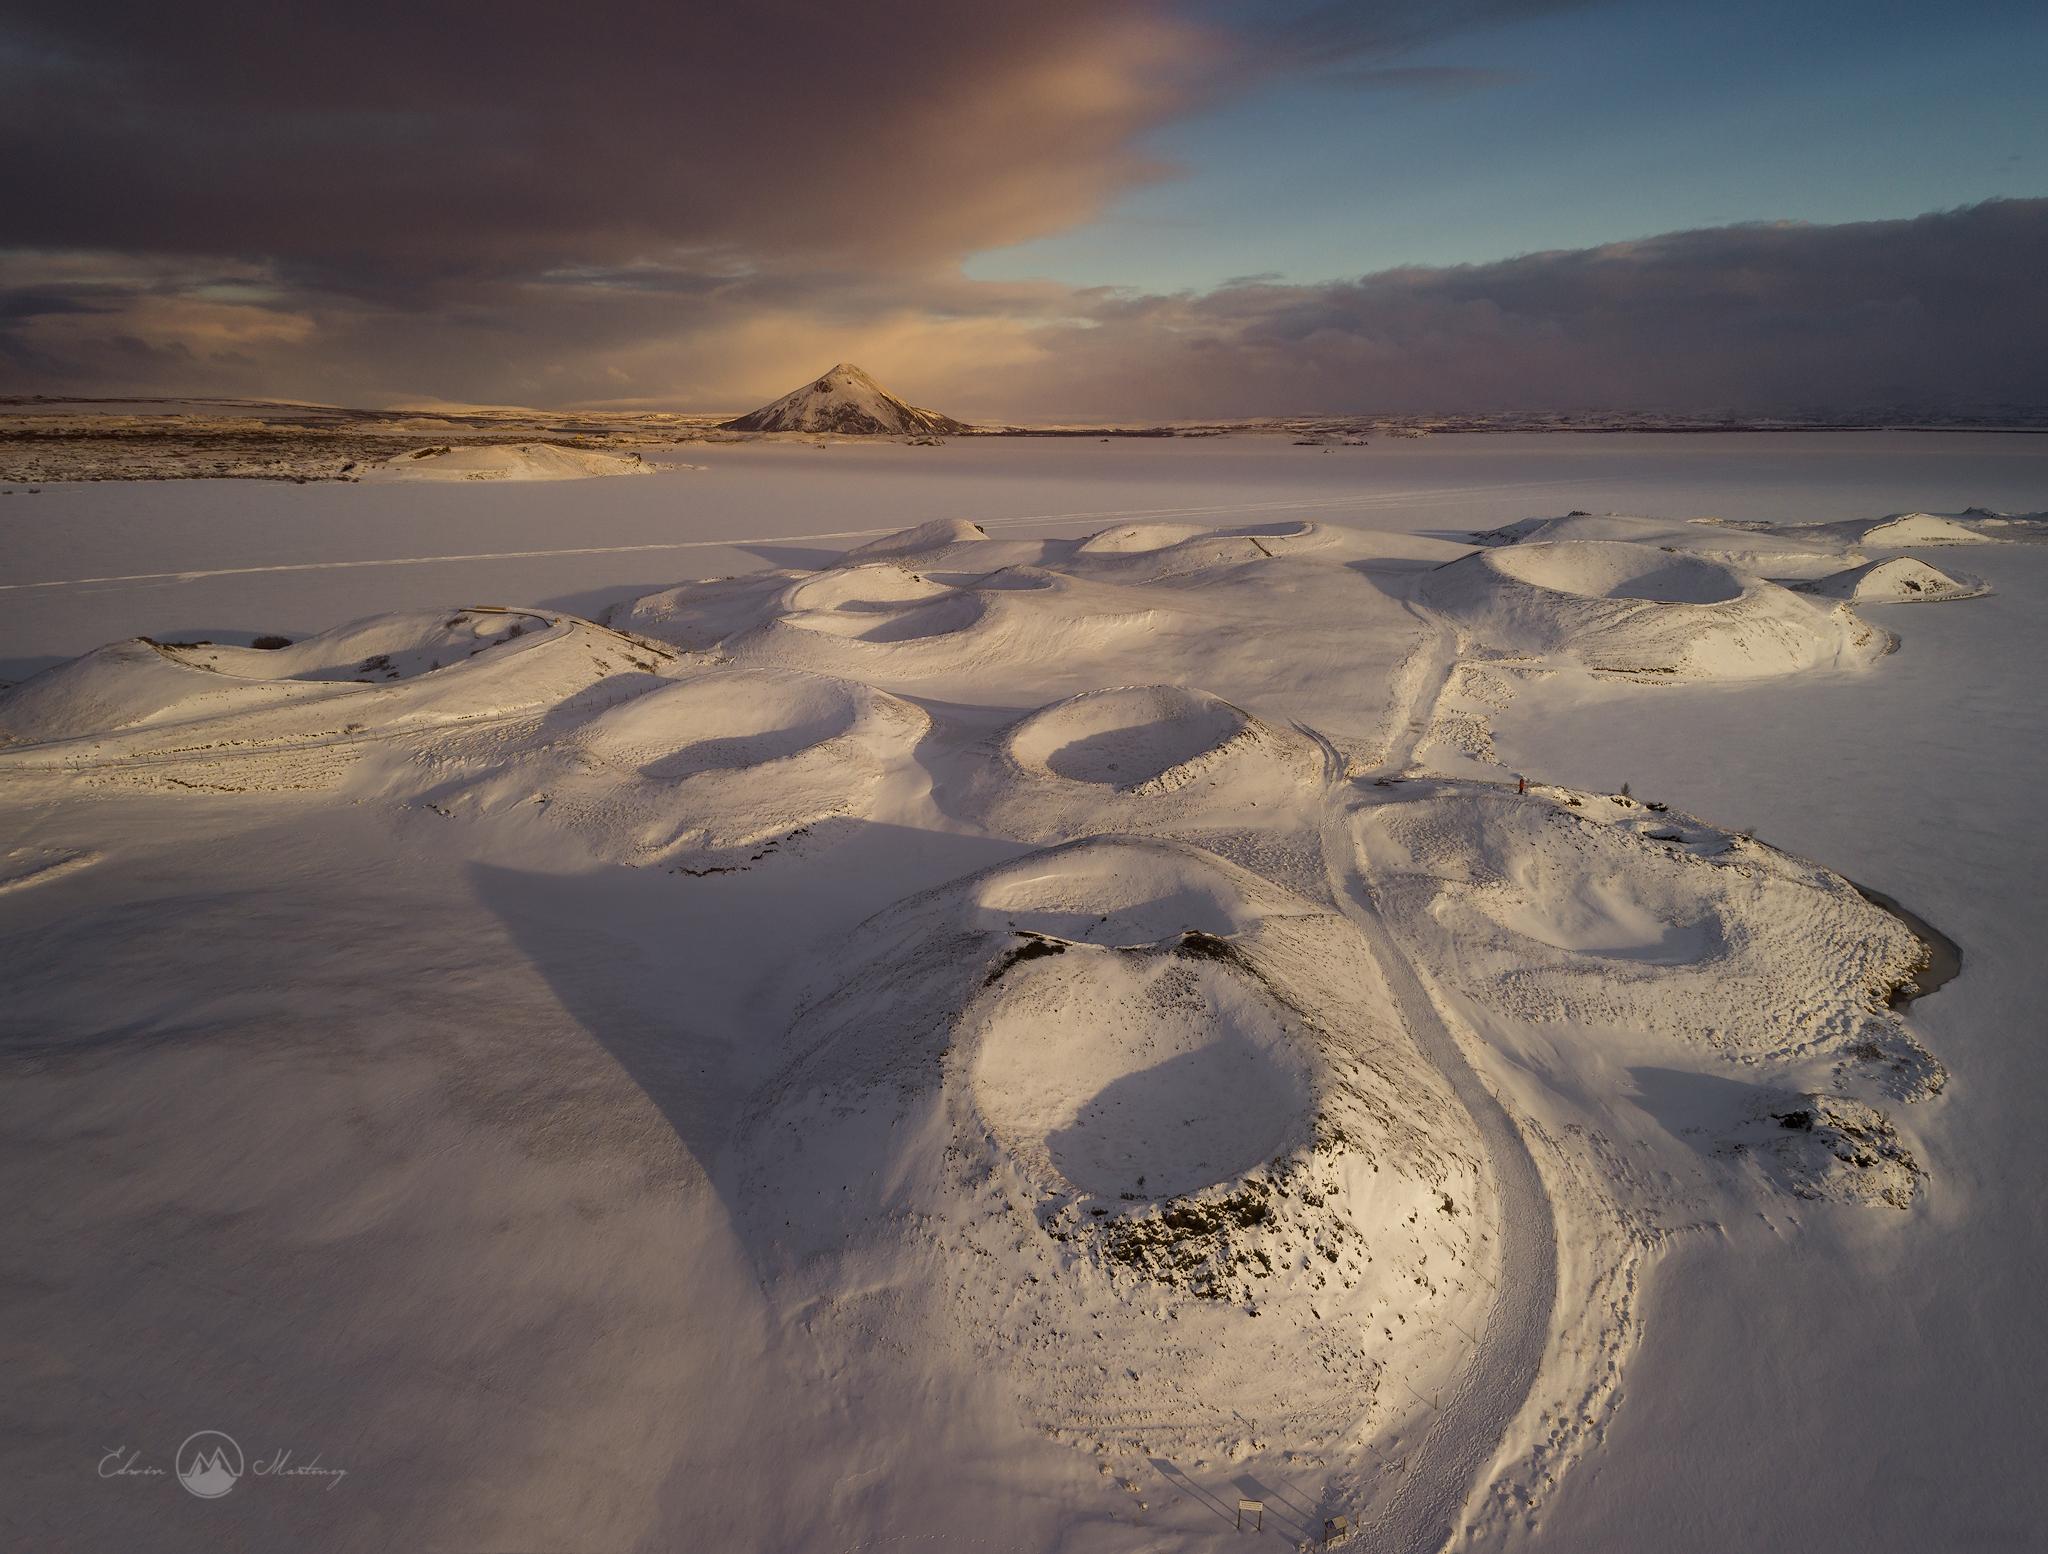 L'Islande en hiver, dans la neige et la glace, est le sujet idéal pour un photographe de paysage.